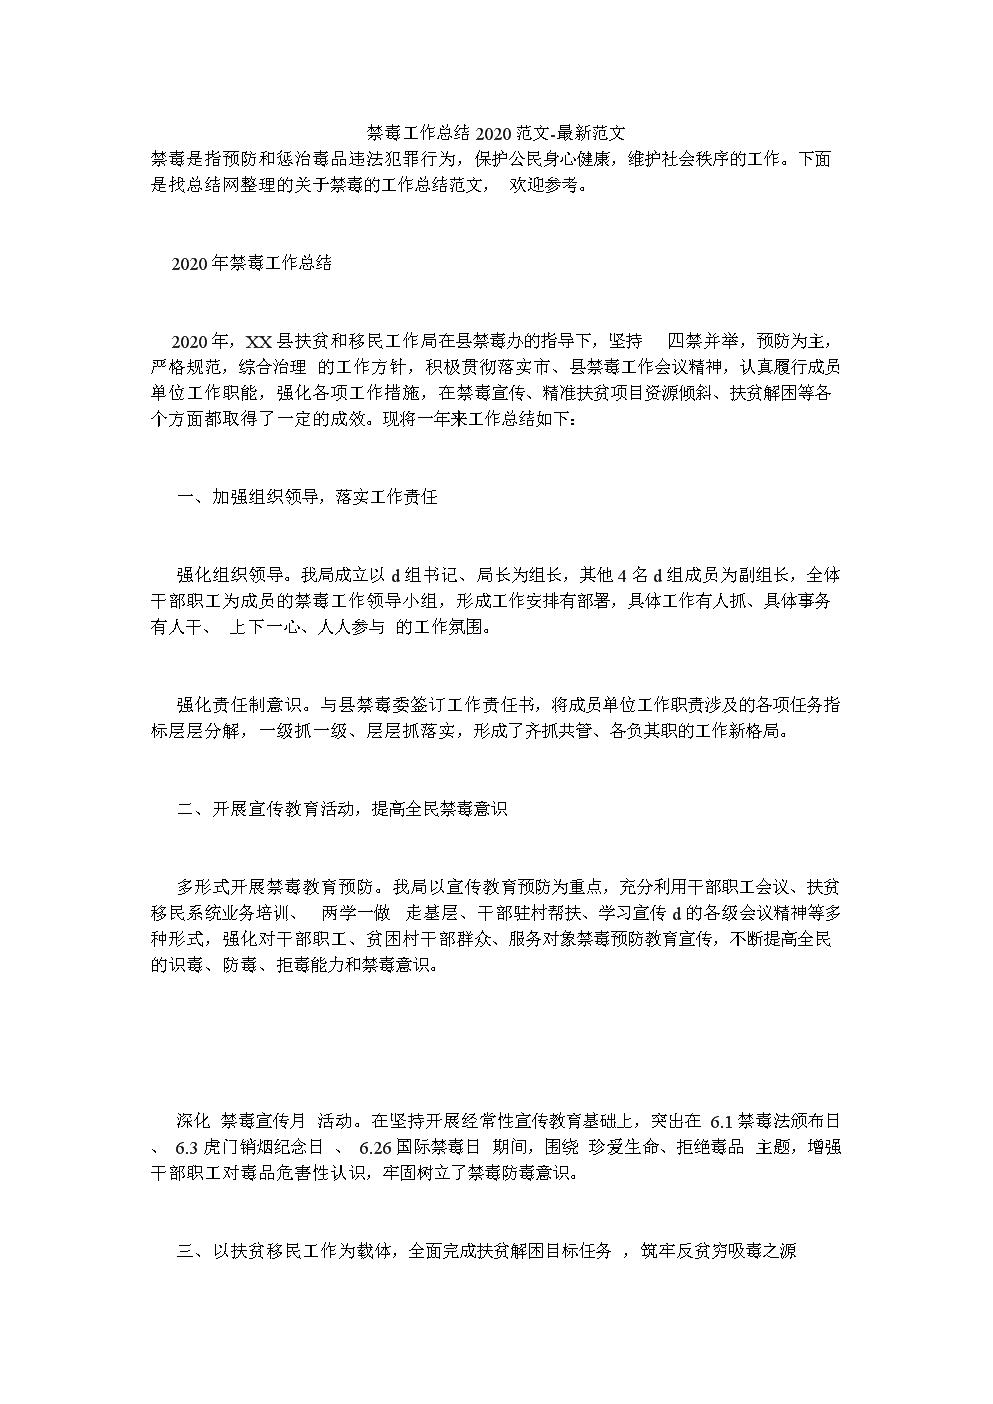 禁毒工作总结2020范文-最新范文.doc